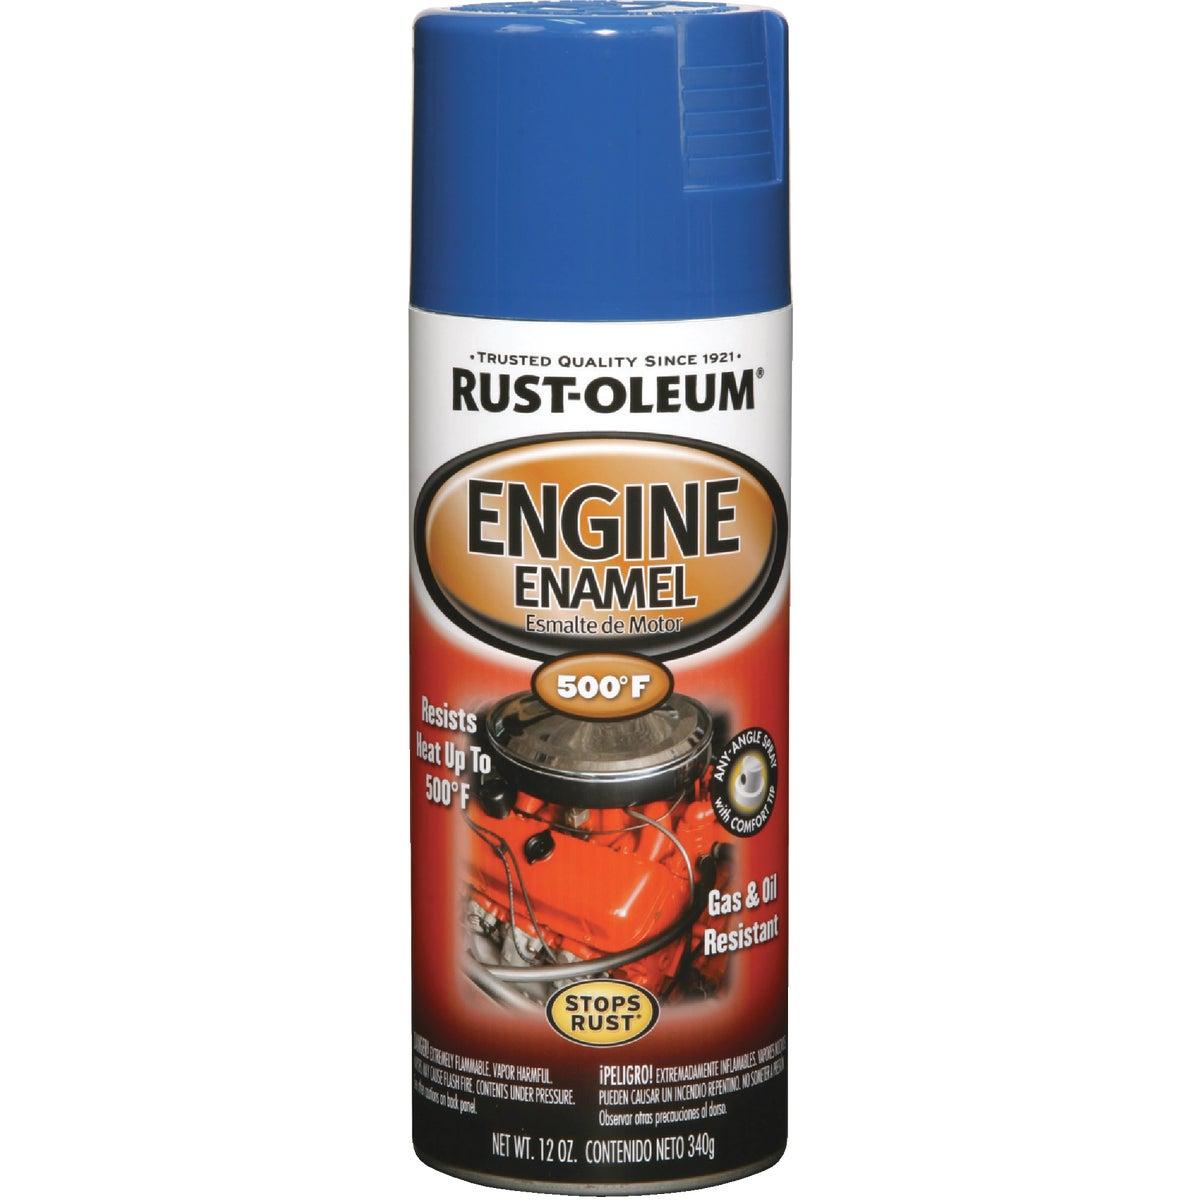 FORD BLUE ENGINE ENAMEL